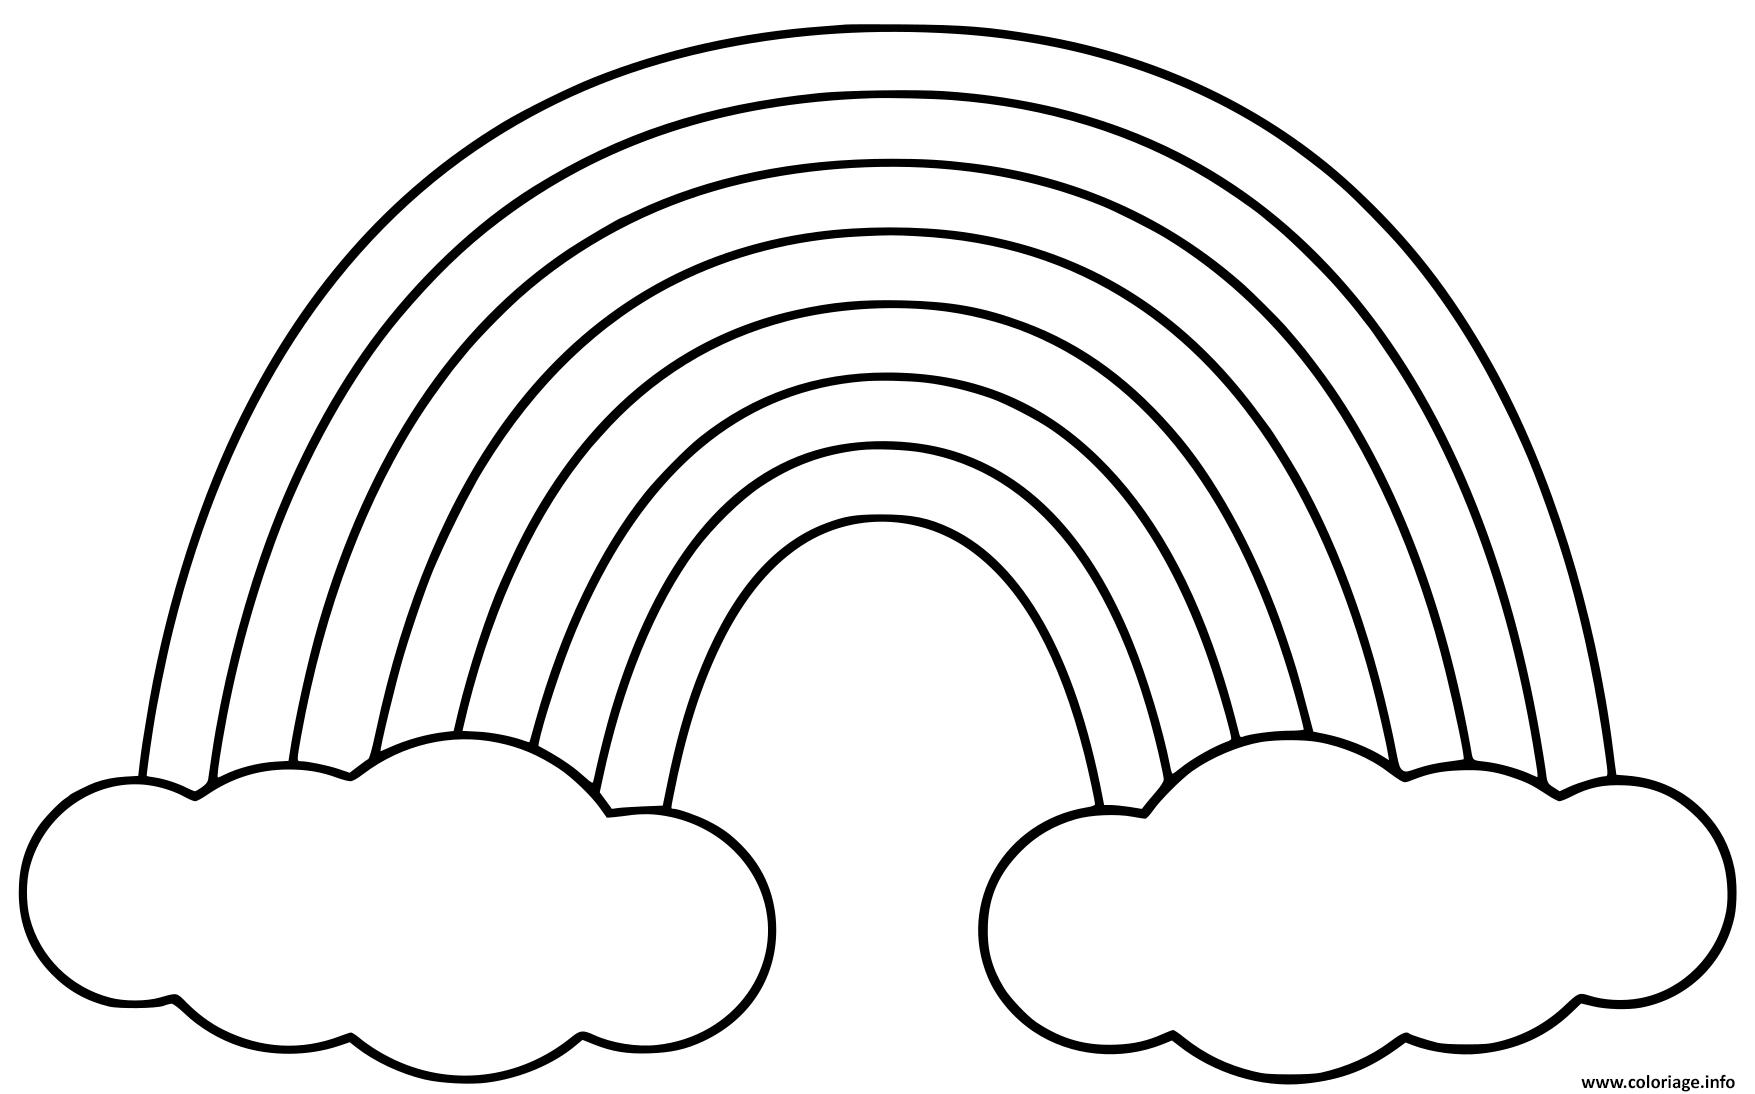 Coloriage Arc En Ciel Simple dessin